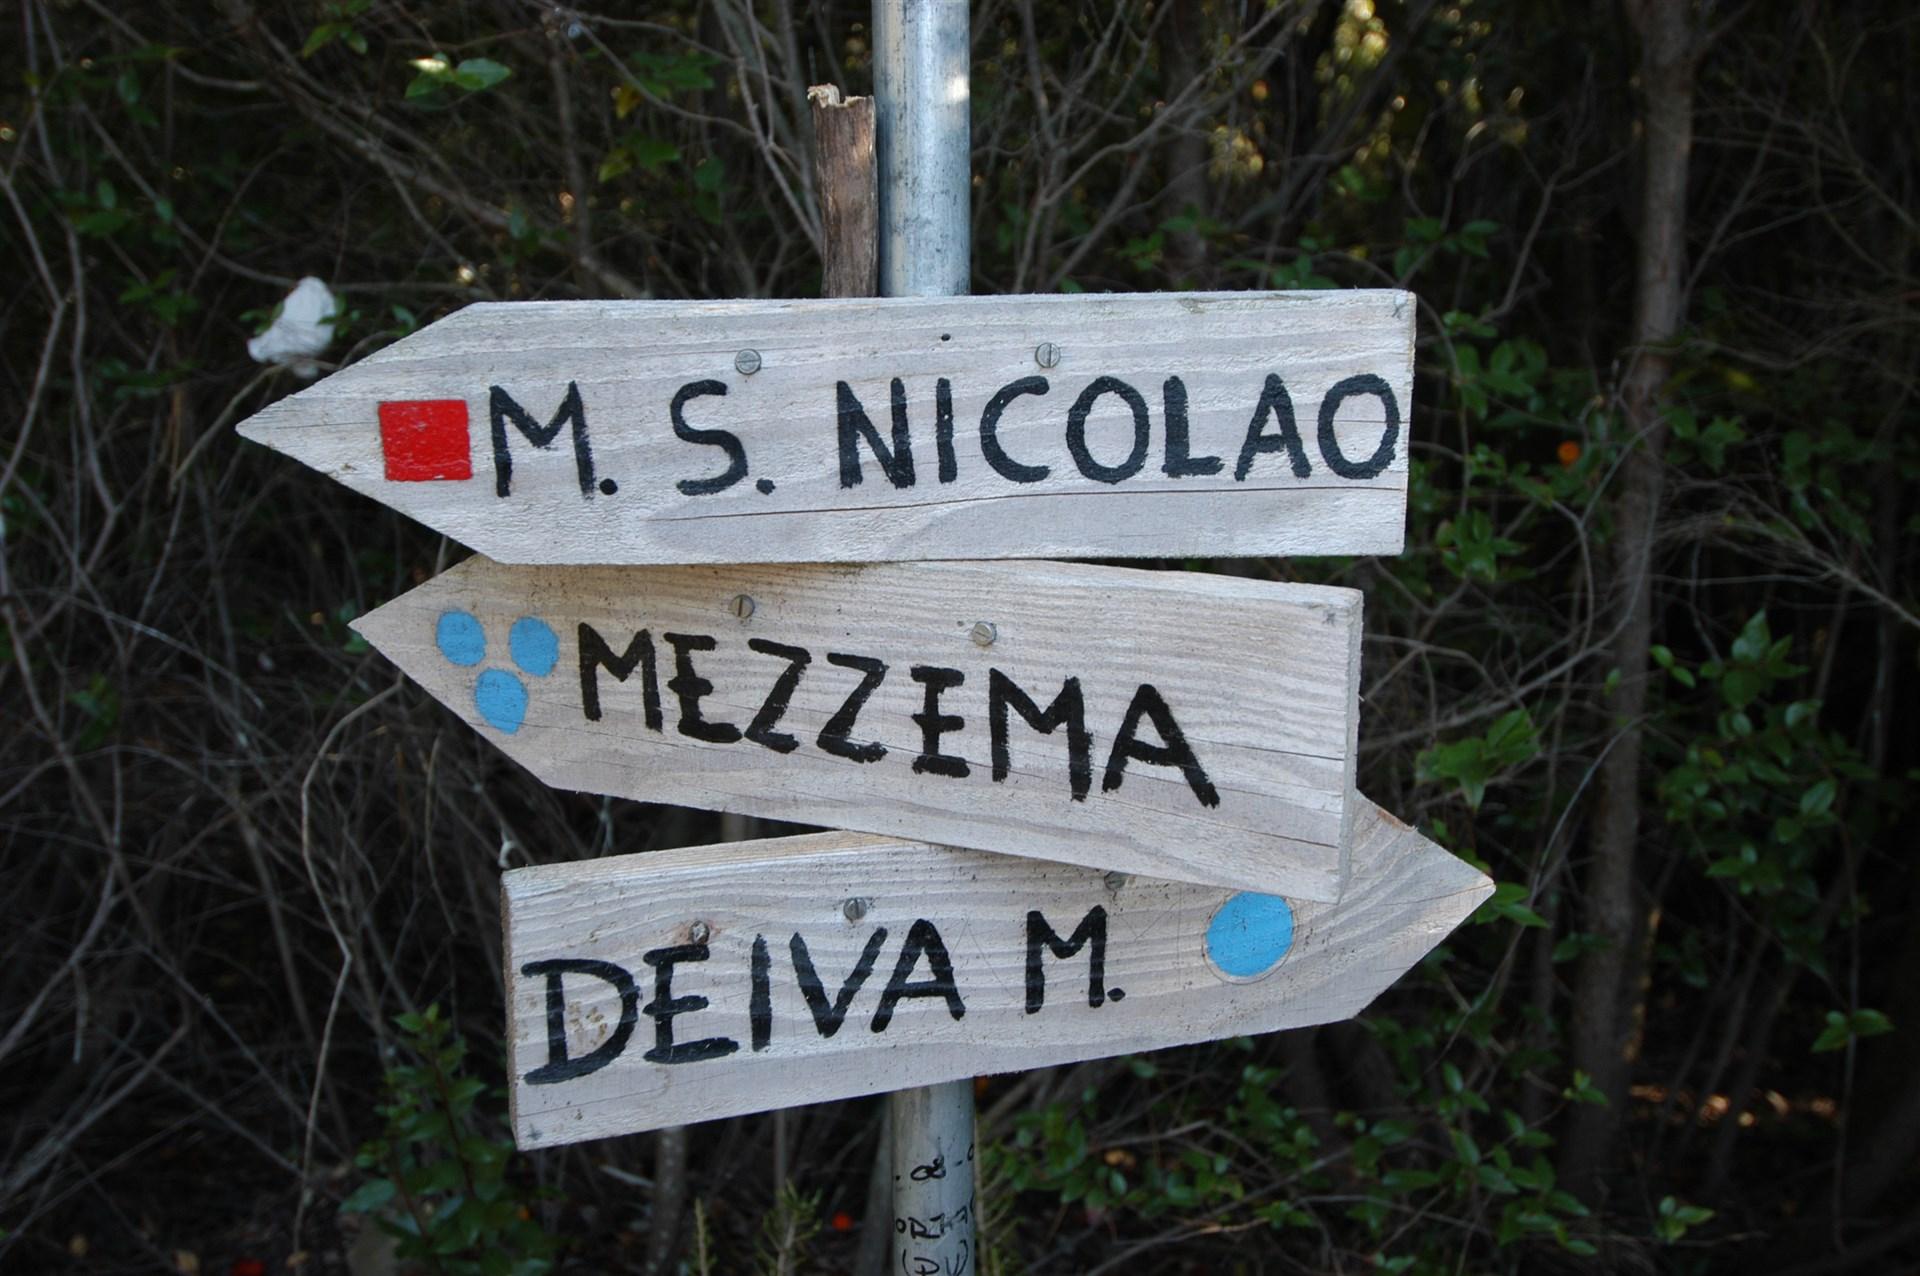 Cicloturismo, Mtb, Freeride tra Cinque Terre e Portofino